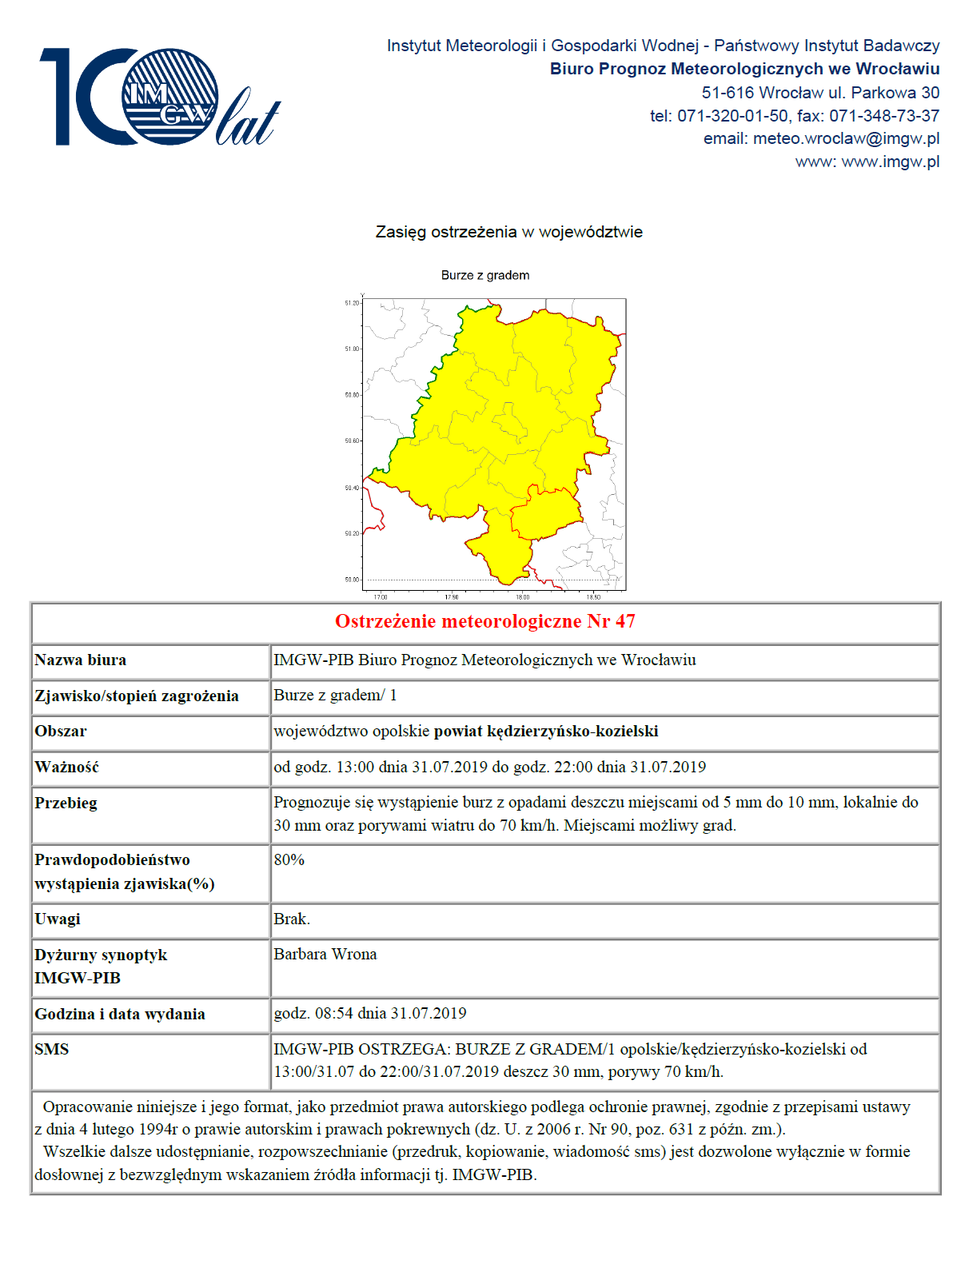 Ostrzeżenie meteorologiczne nr 47 z 31.07.2019.png